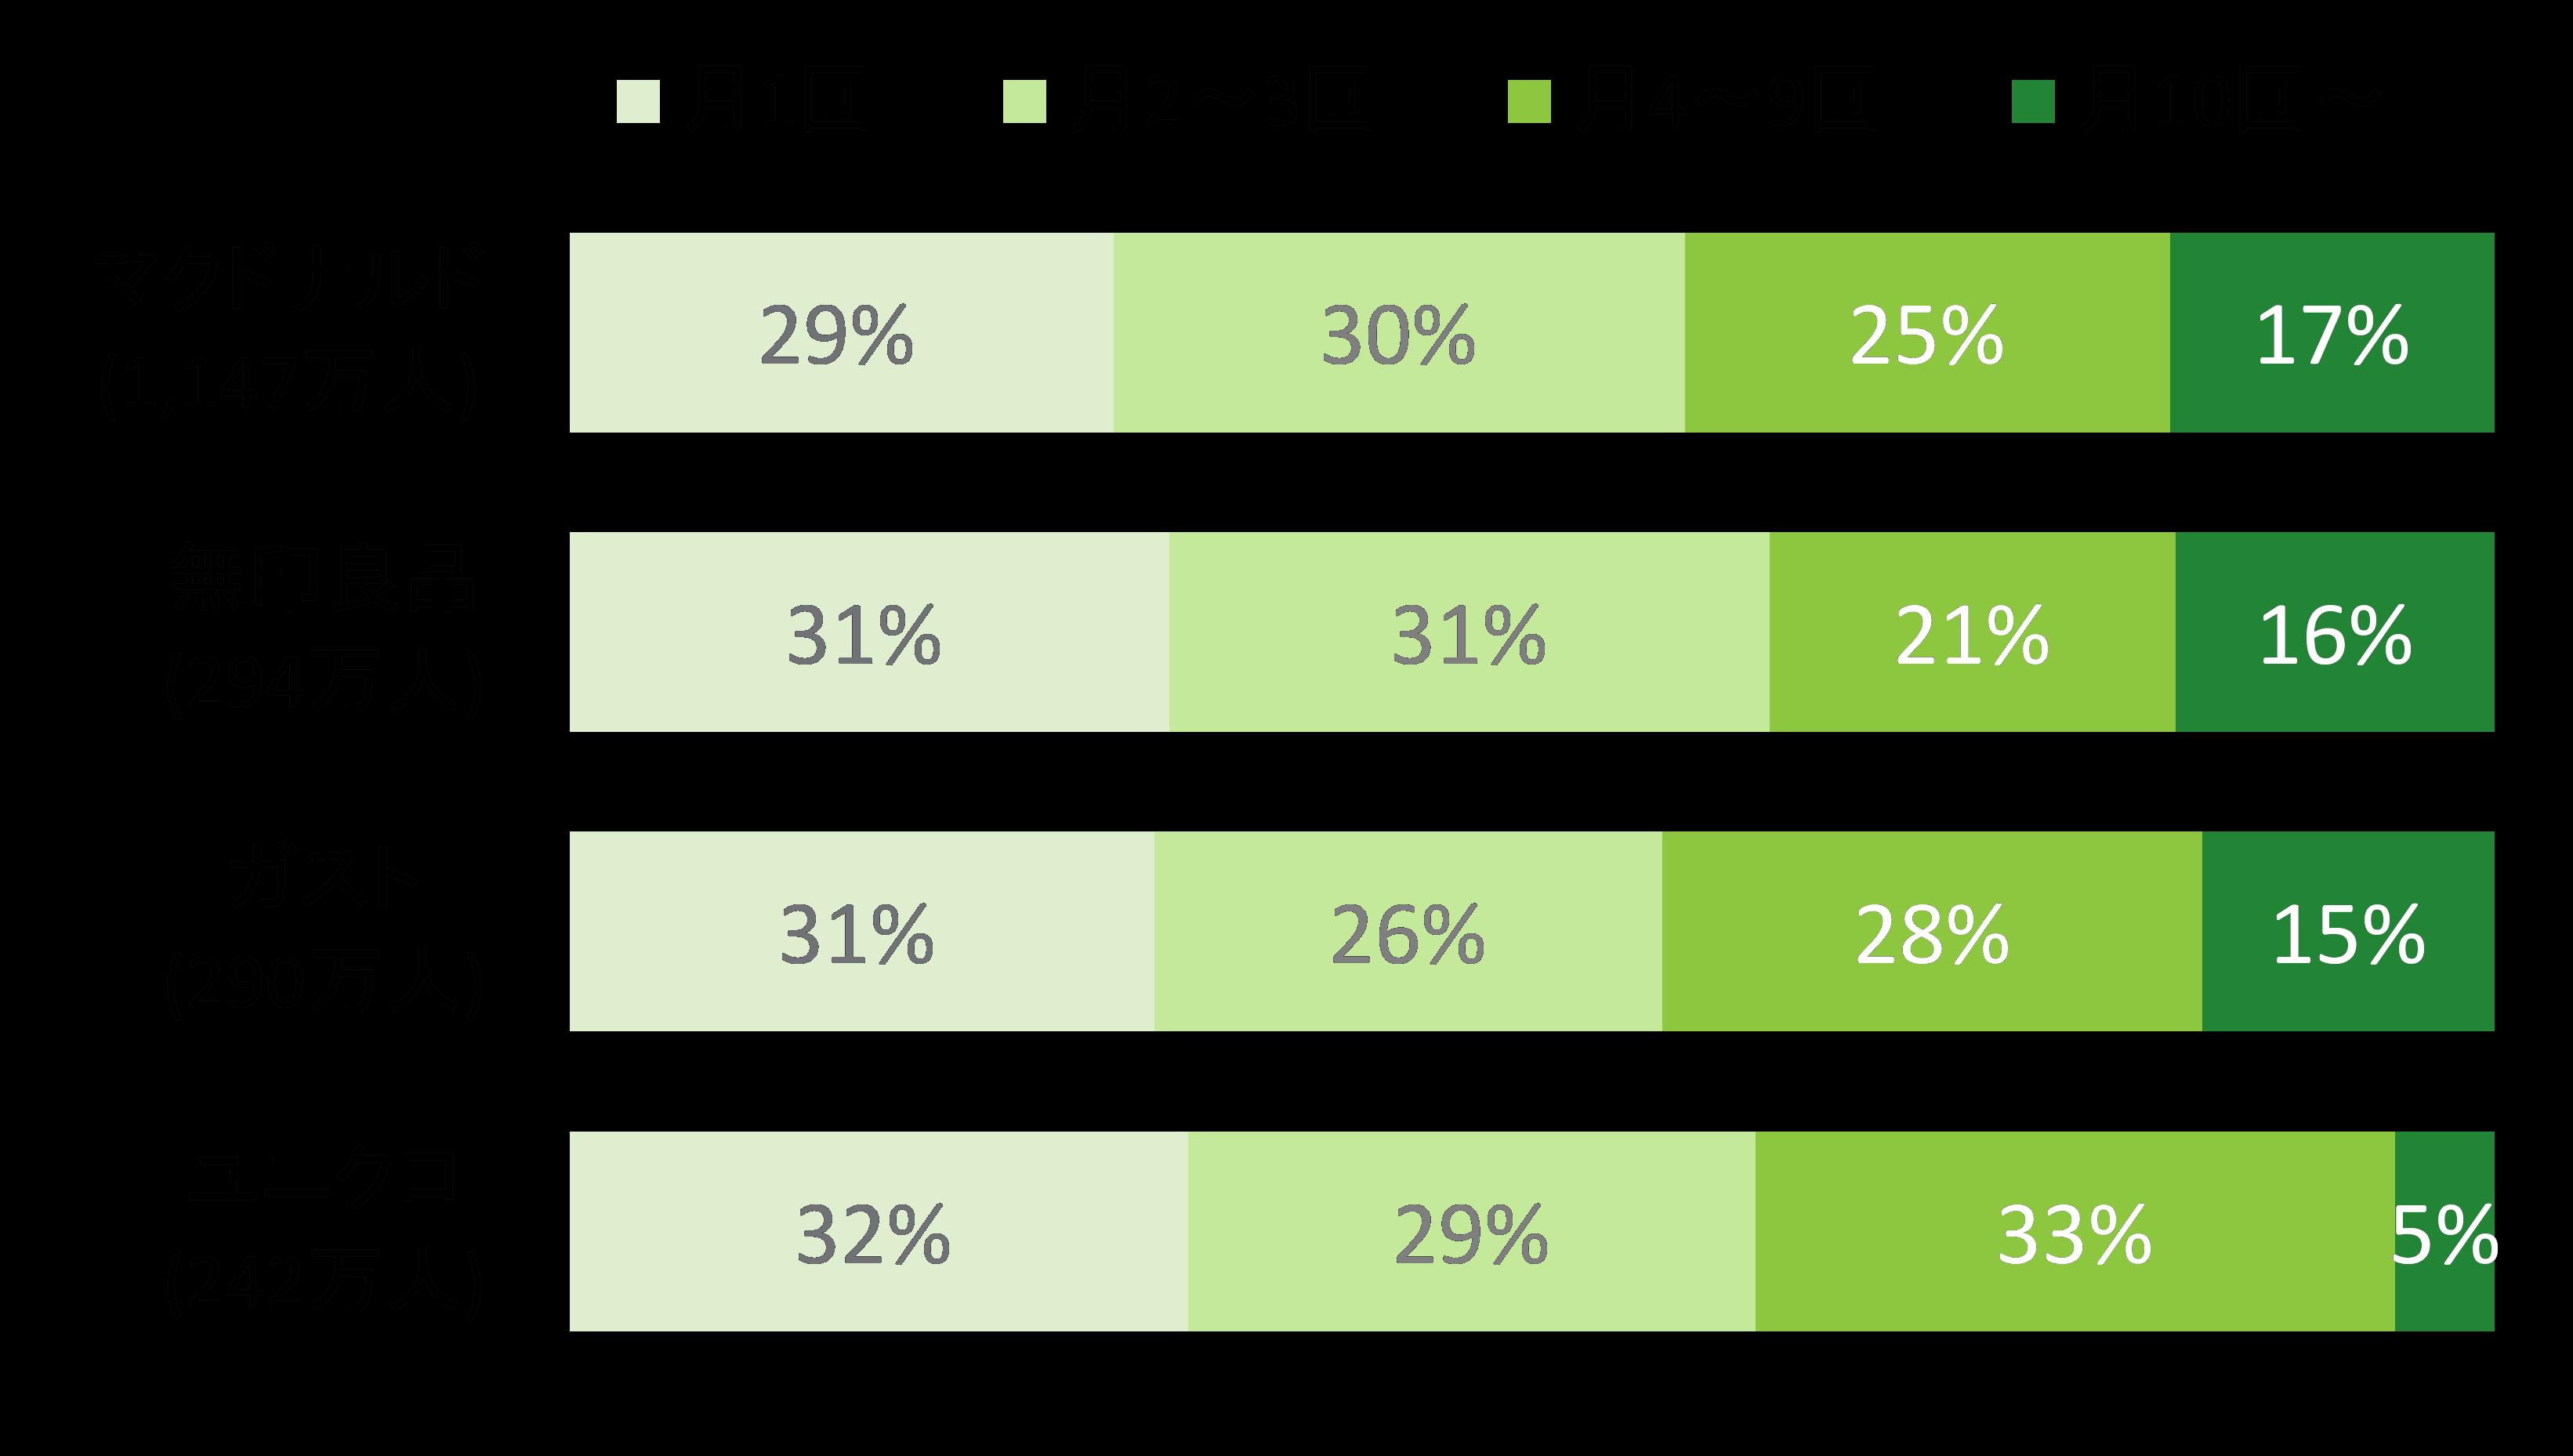 図表4: 月間利用頻度別利用者数分布 2015年2月